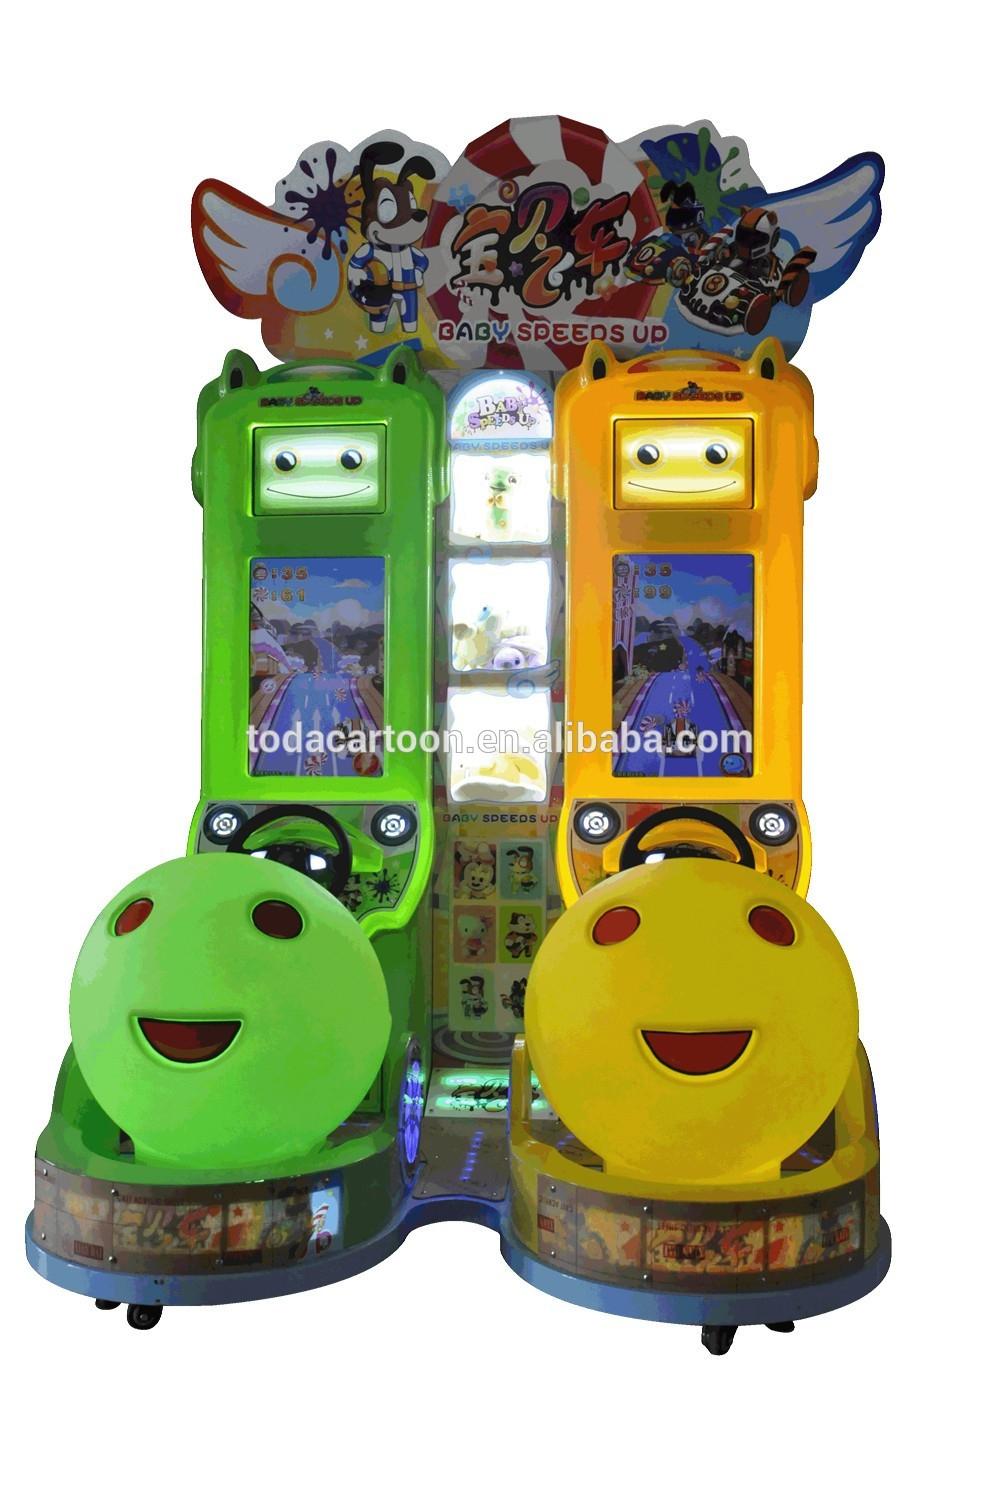 Toda Enfants Machine De Jeu Bébé Simulateur De Course D'arcade Gratuit  Jouer En Ligne Moteur Enfants Jeux De Voiture Pour Les Garçons Vente - Buy avec Jeux Course Enfant